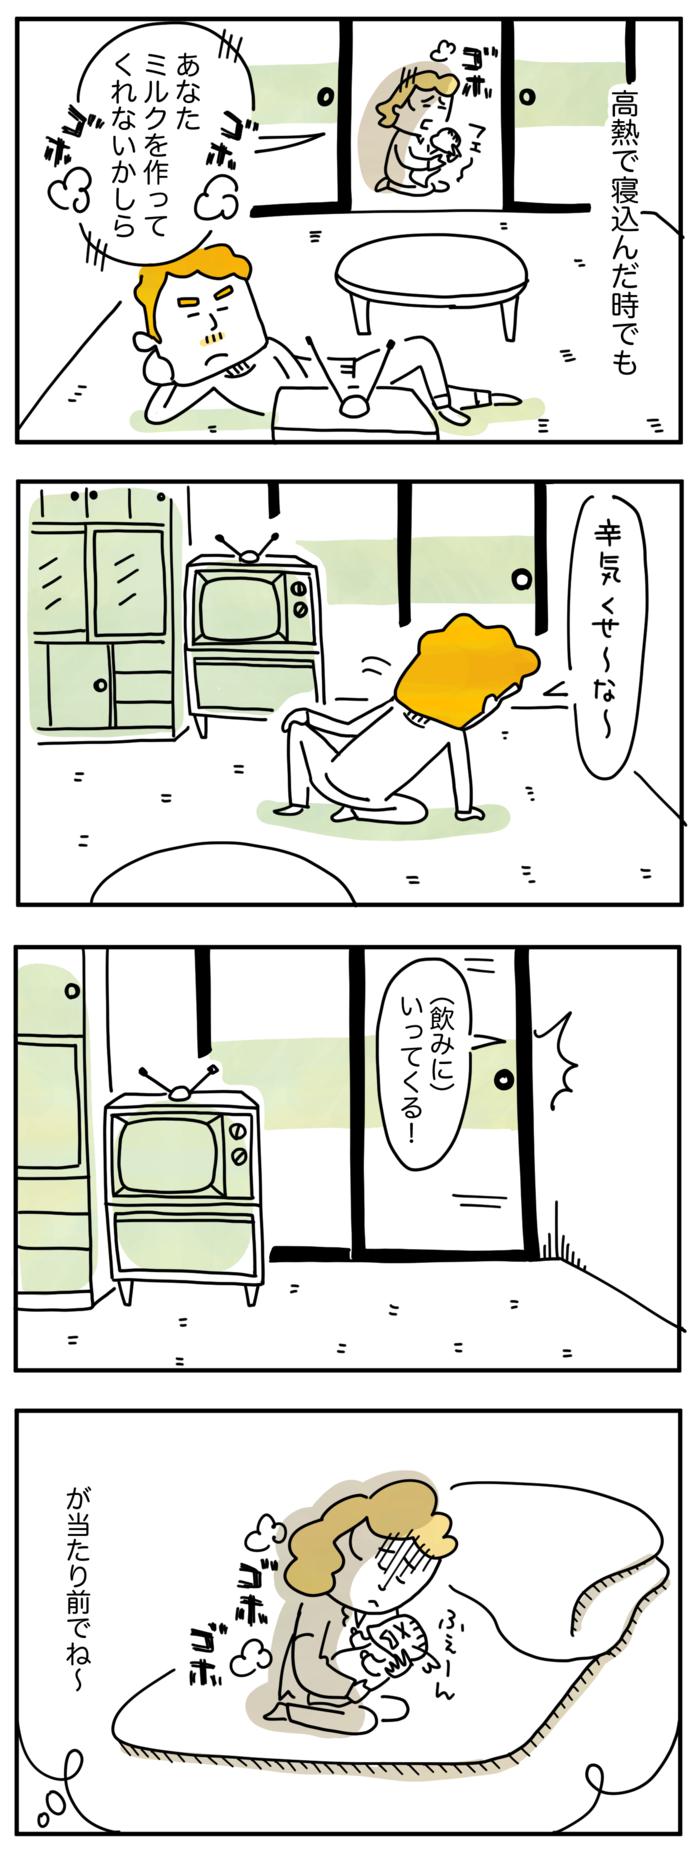 昭和に「イクメン」という言葉はなかった!時代と共に変わる「子育て」の形の画像2